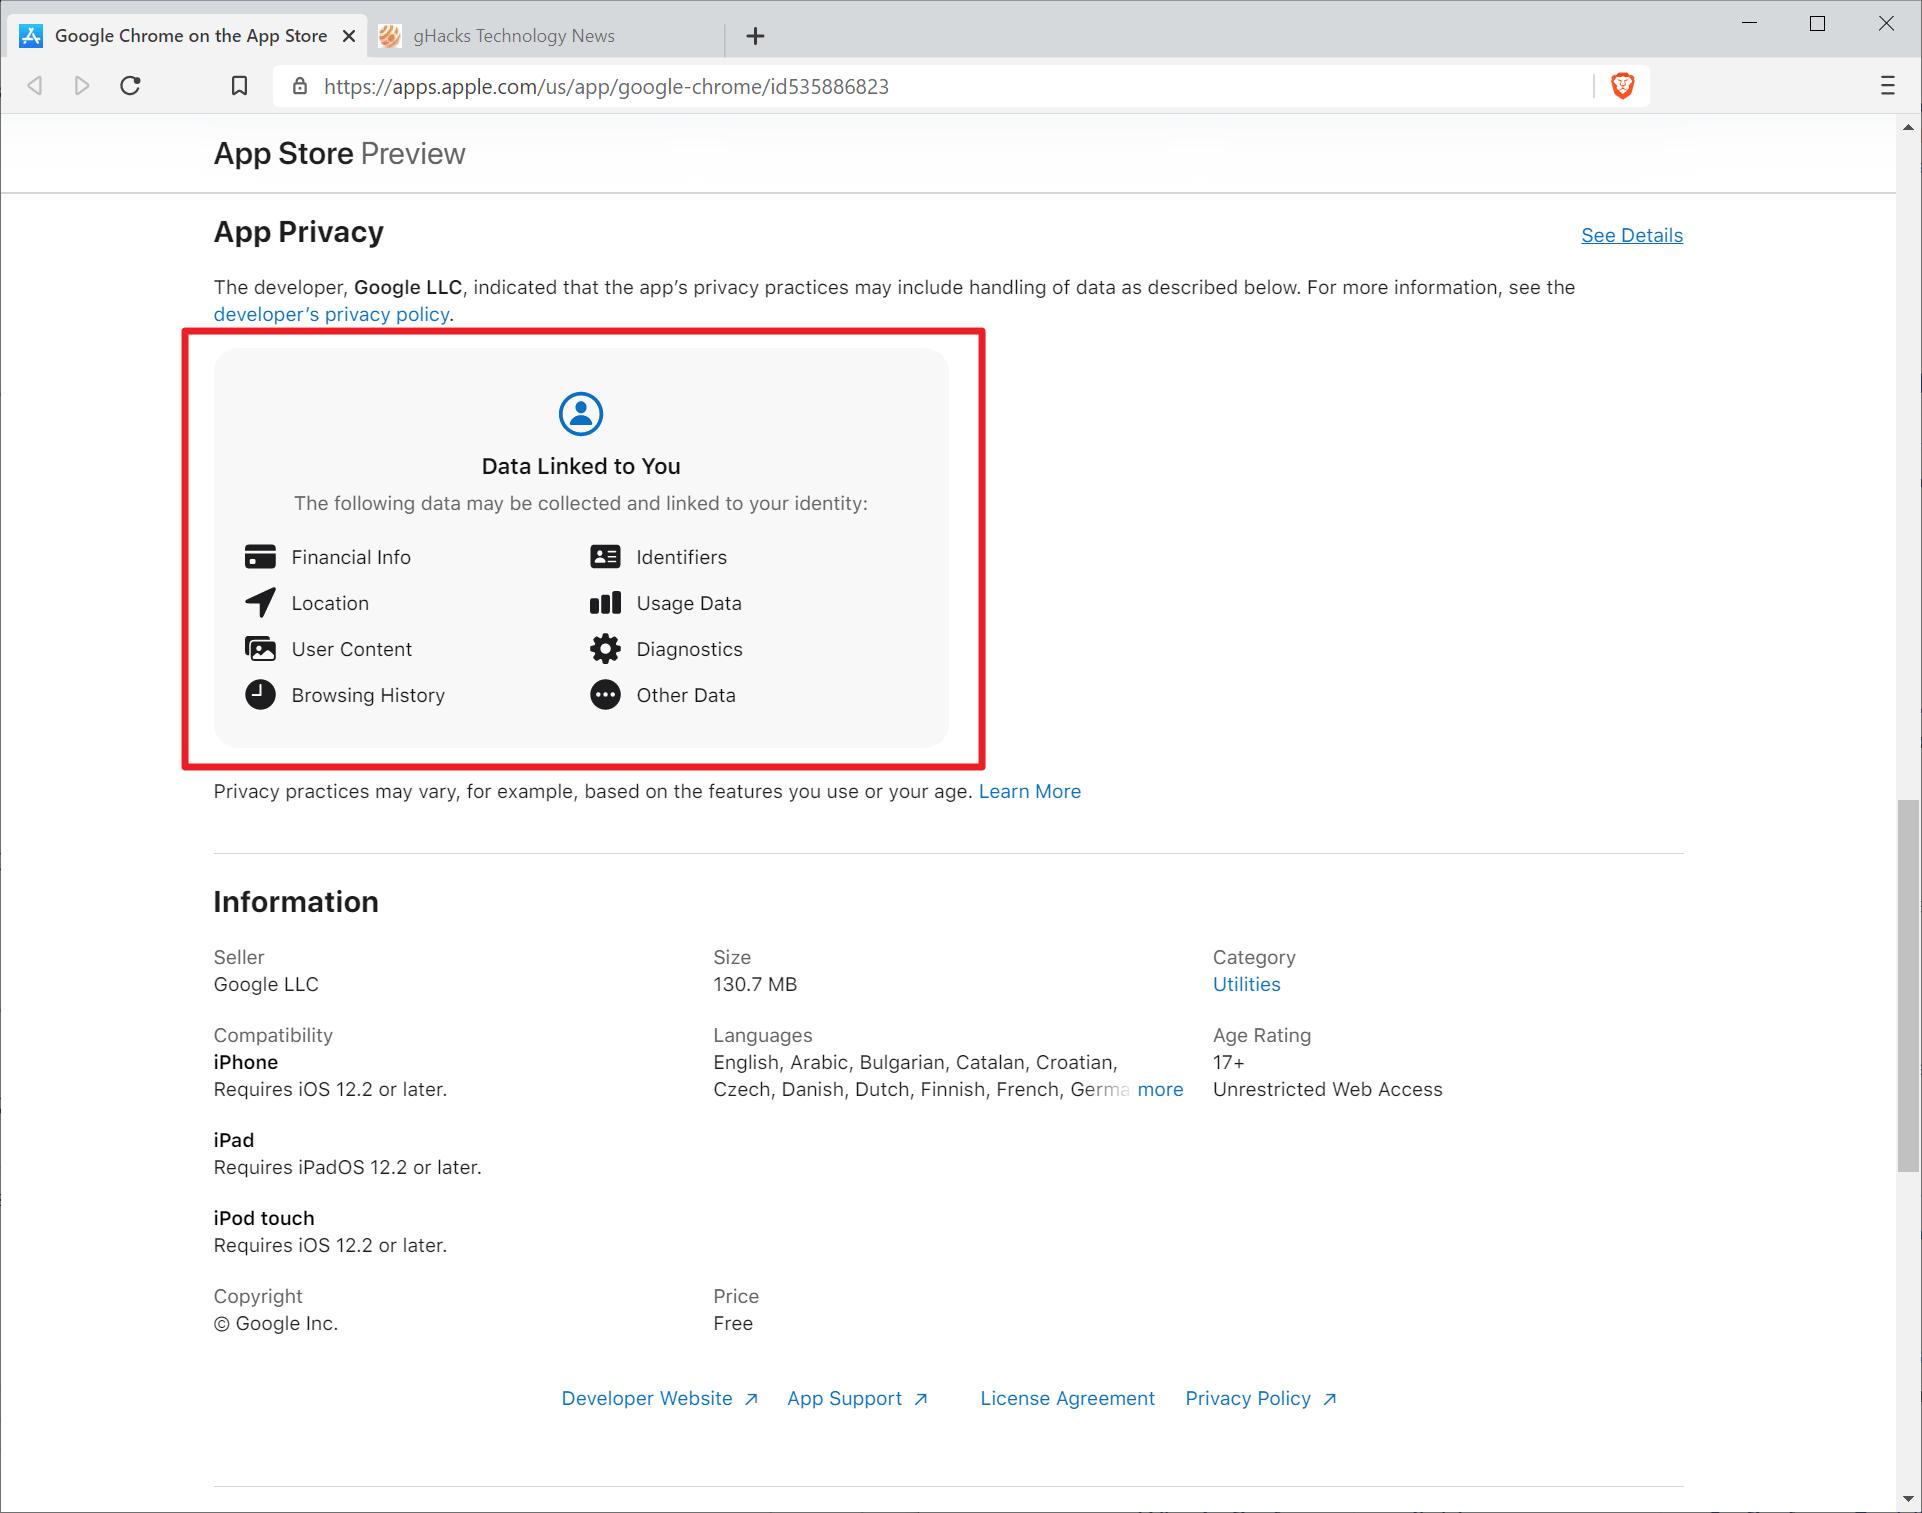 recopilación de datos de privacidad de google chrome